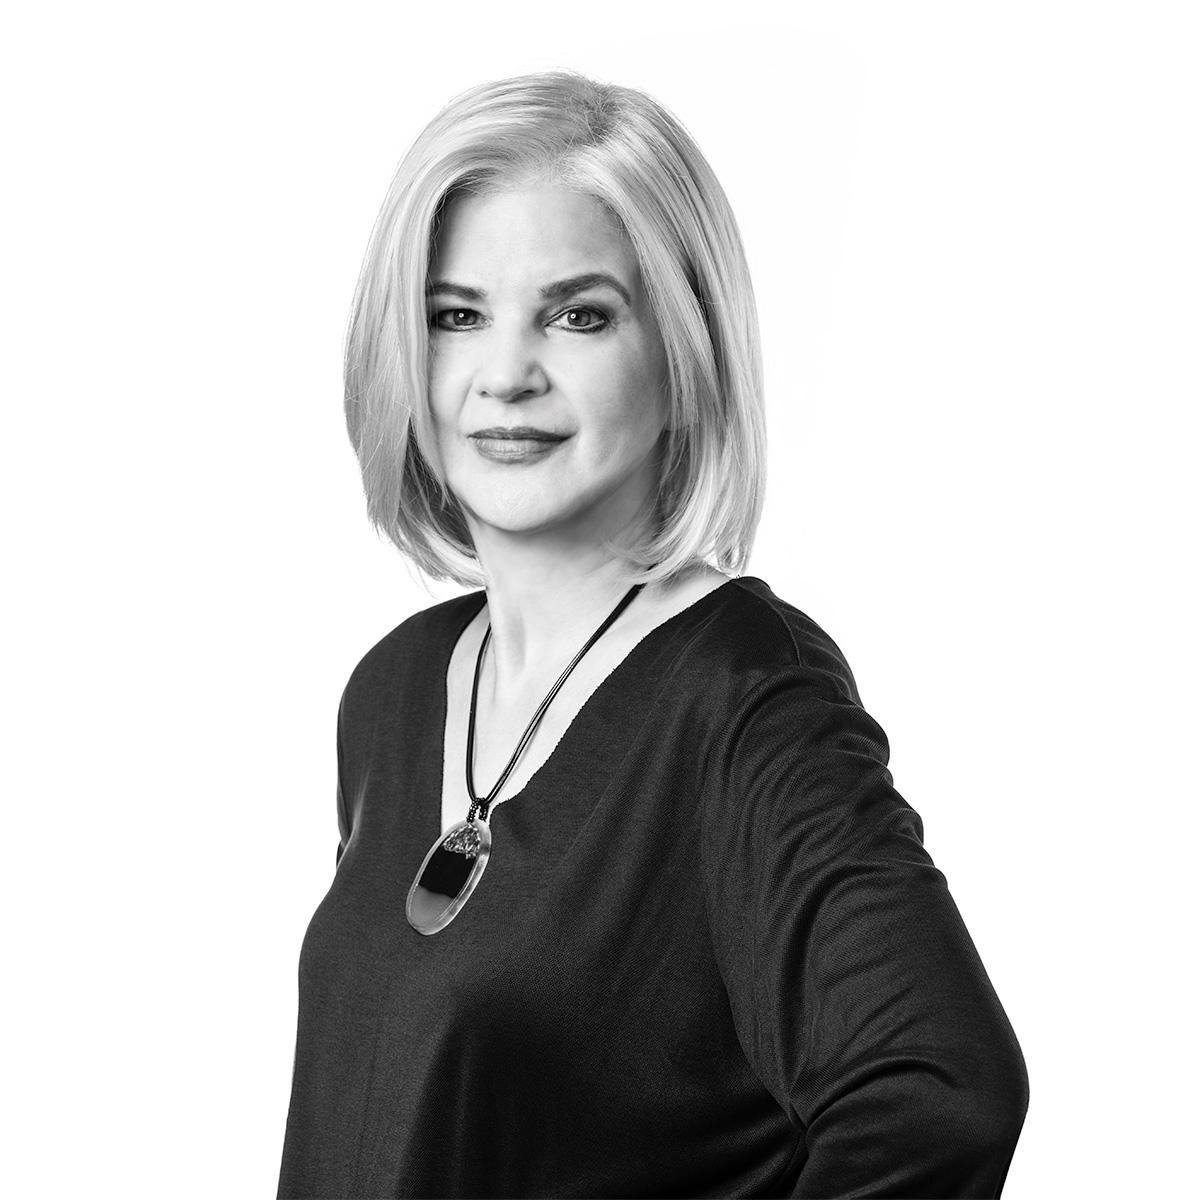 Cynthia Lund Torroll